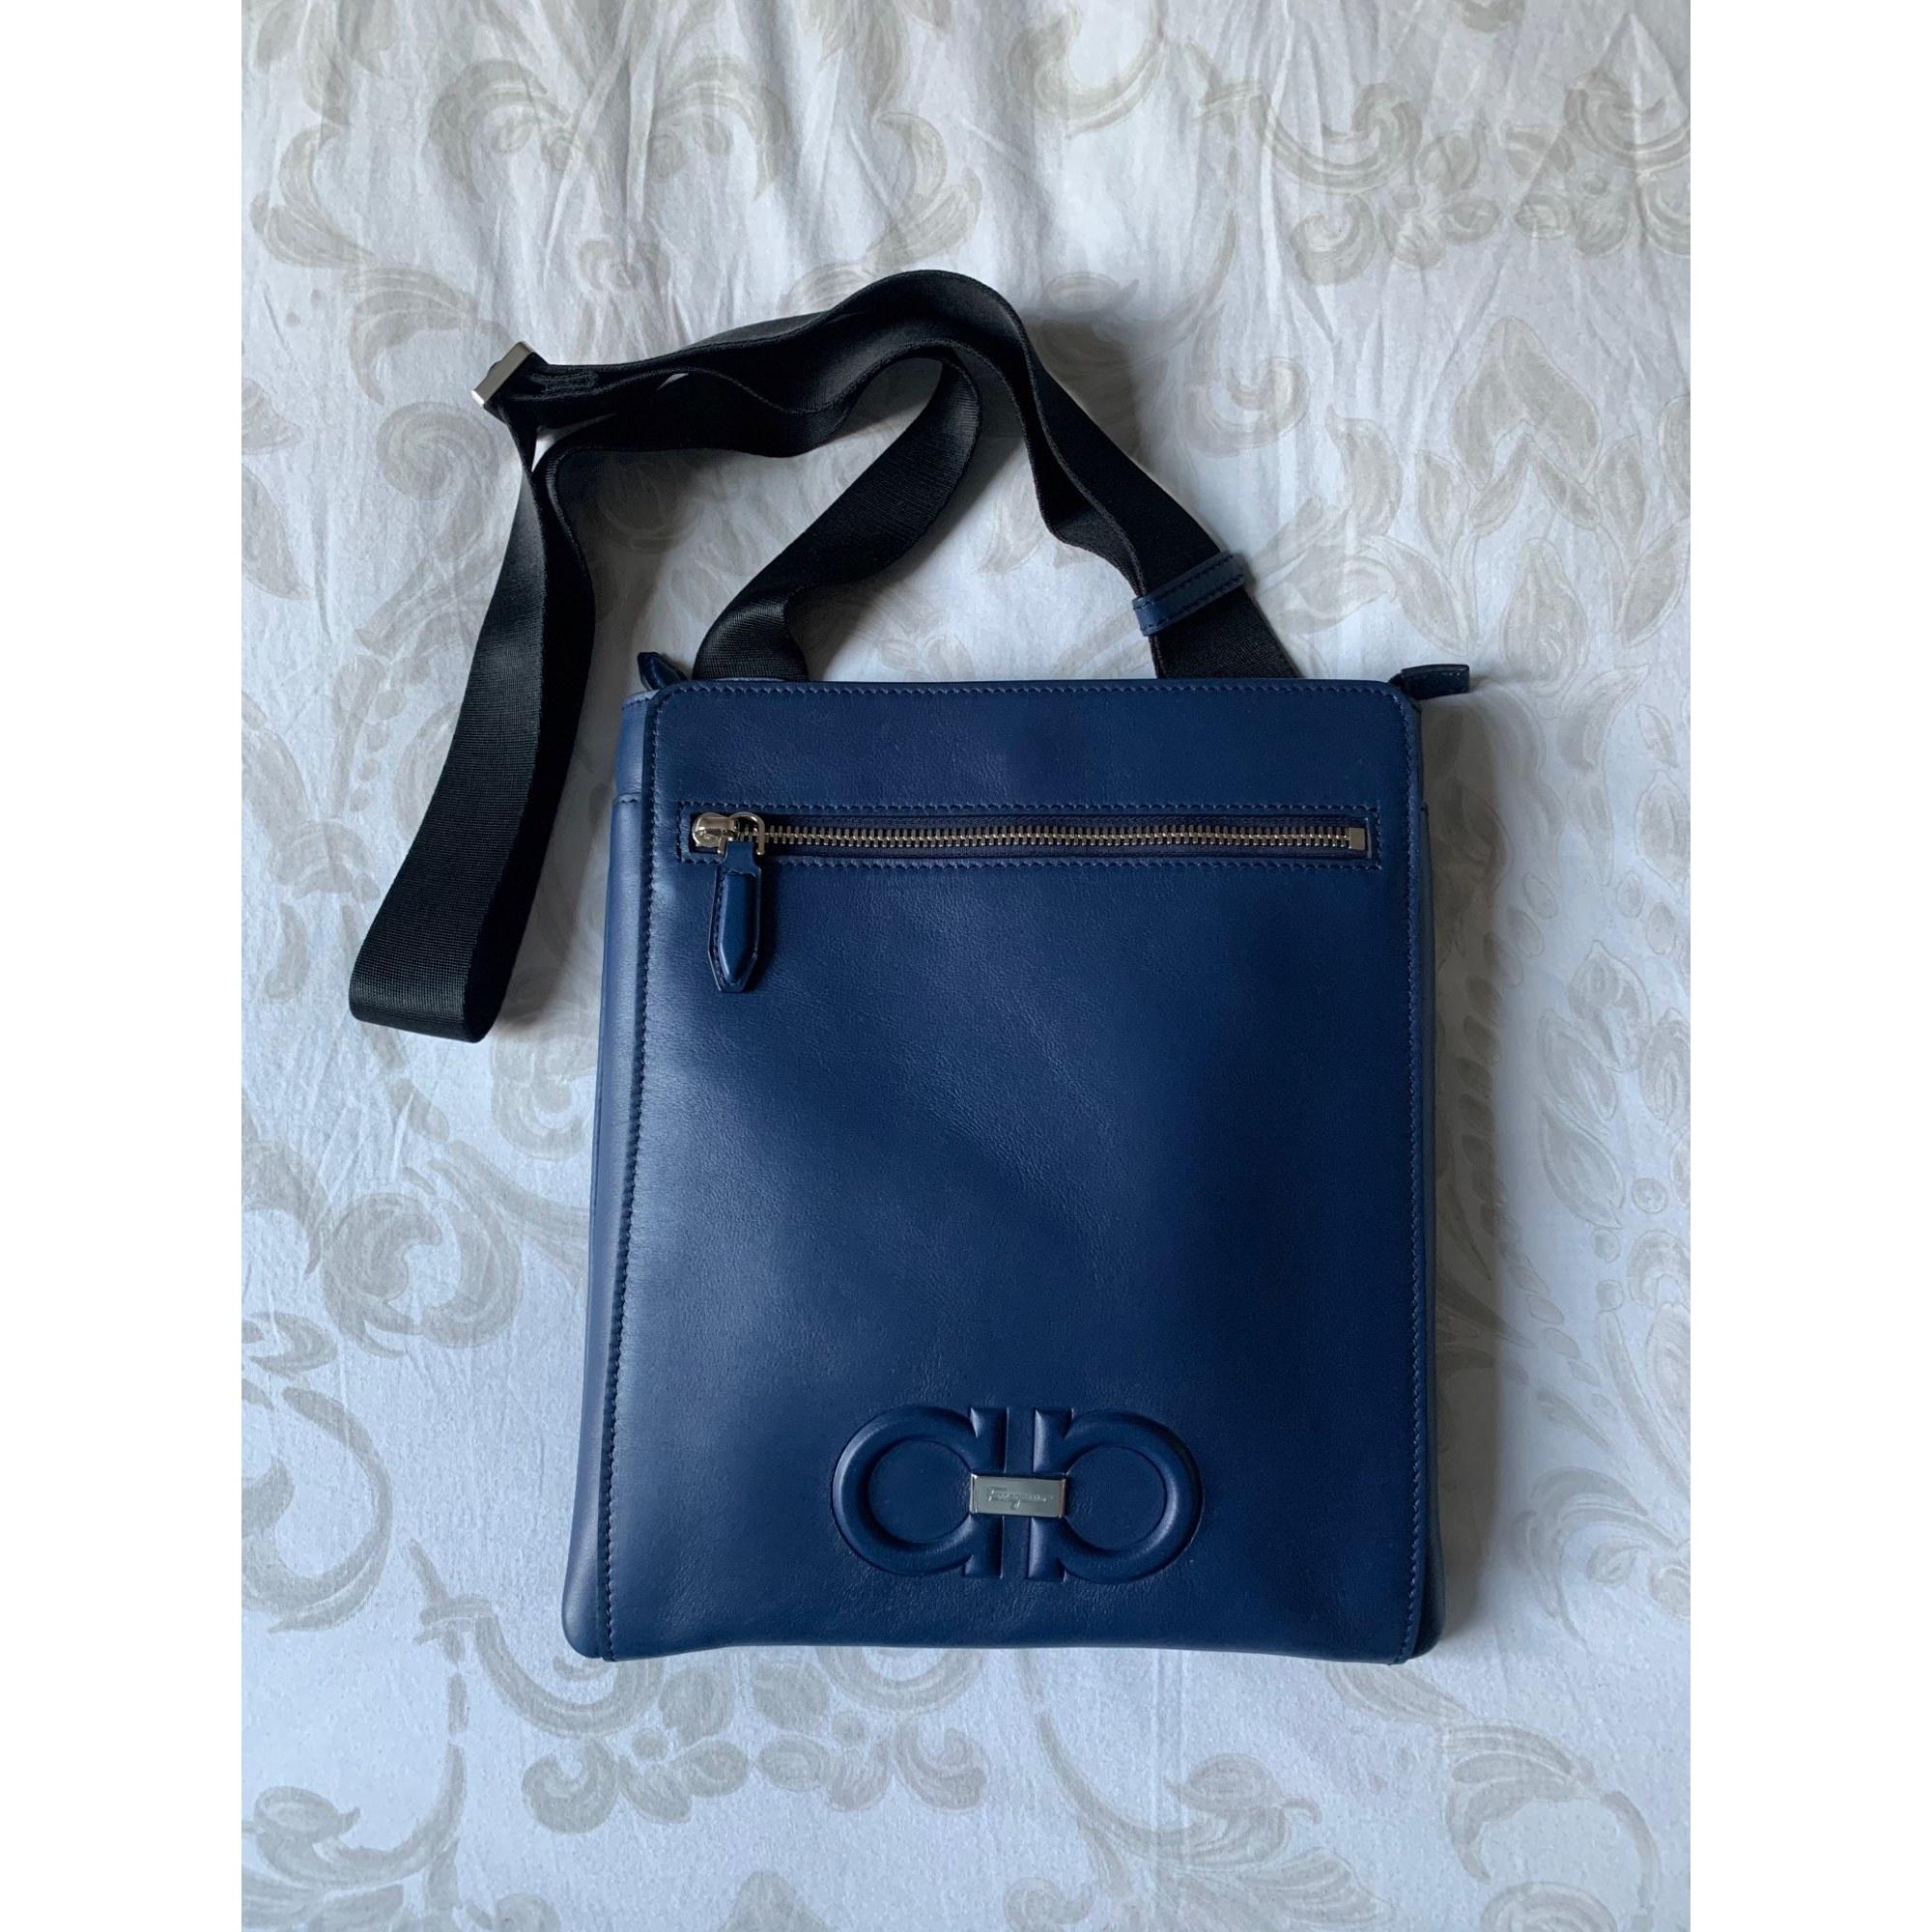 Pochette en bandoulière SALVATORE FERRAGAMO Bleu, bleu marine, bleu turquoise